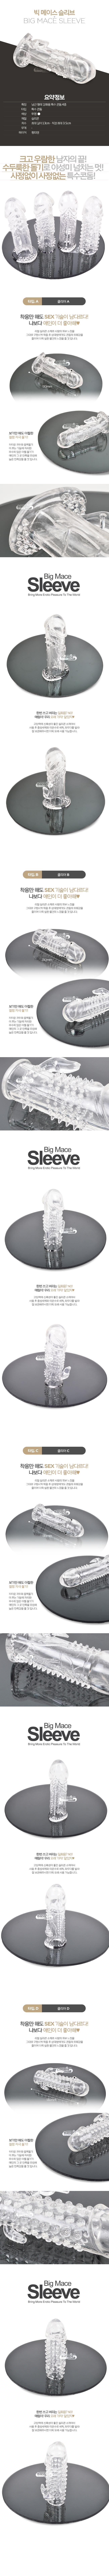 [특수 콘돔] 빅 메이스 슬리브(Big Mace Sleeve) - 00152